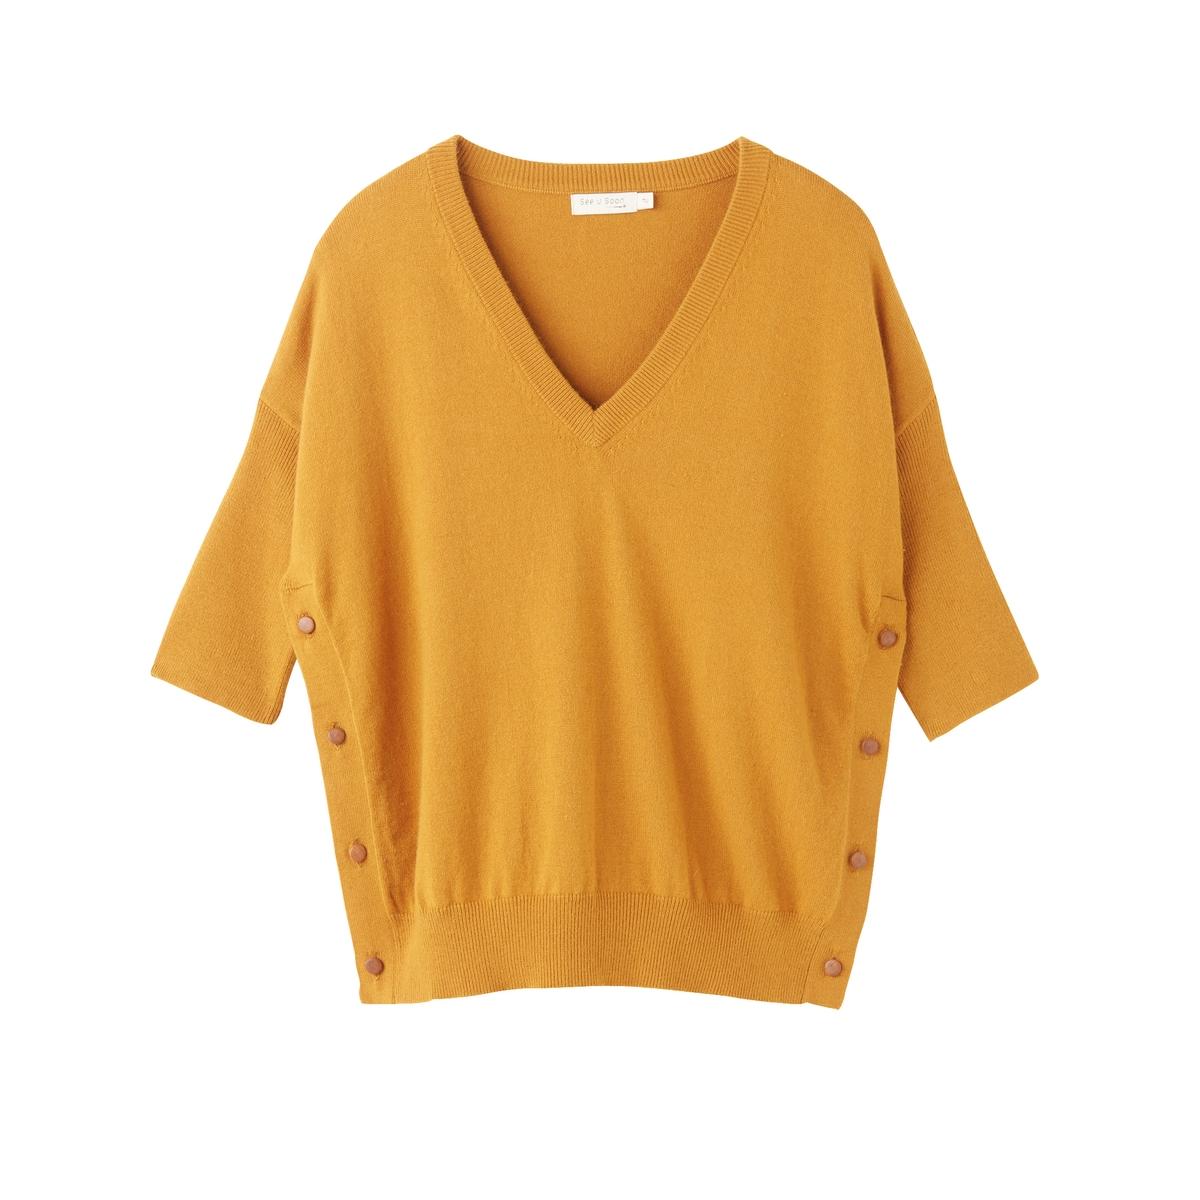 Пуловер из тонкого трикотажа с V-образным вырезомДетали •  Рукава 3/4 •   V-образный вырез •  Тонкий трикотаж Состав и уход •  10% вискозы, 35% шерсти, 35% кашемира, 20% полиамида •  Следуйте советам по уходу, указанным на этикетке<br><br>Цвет: охра